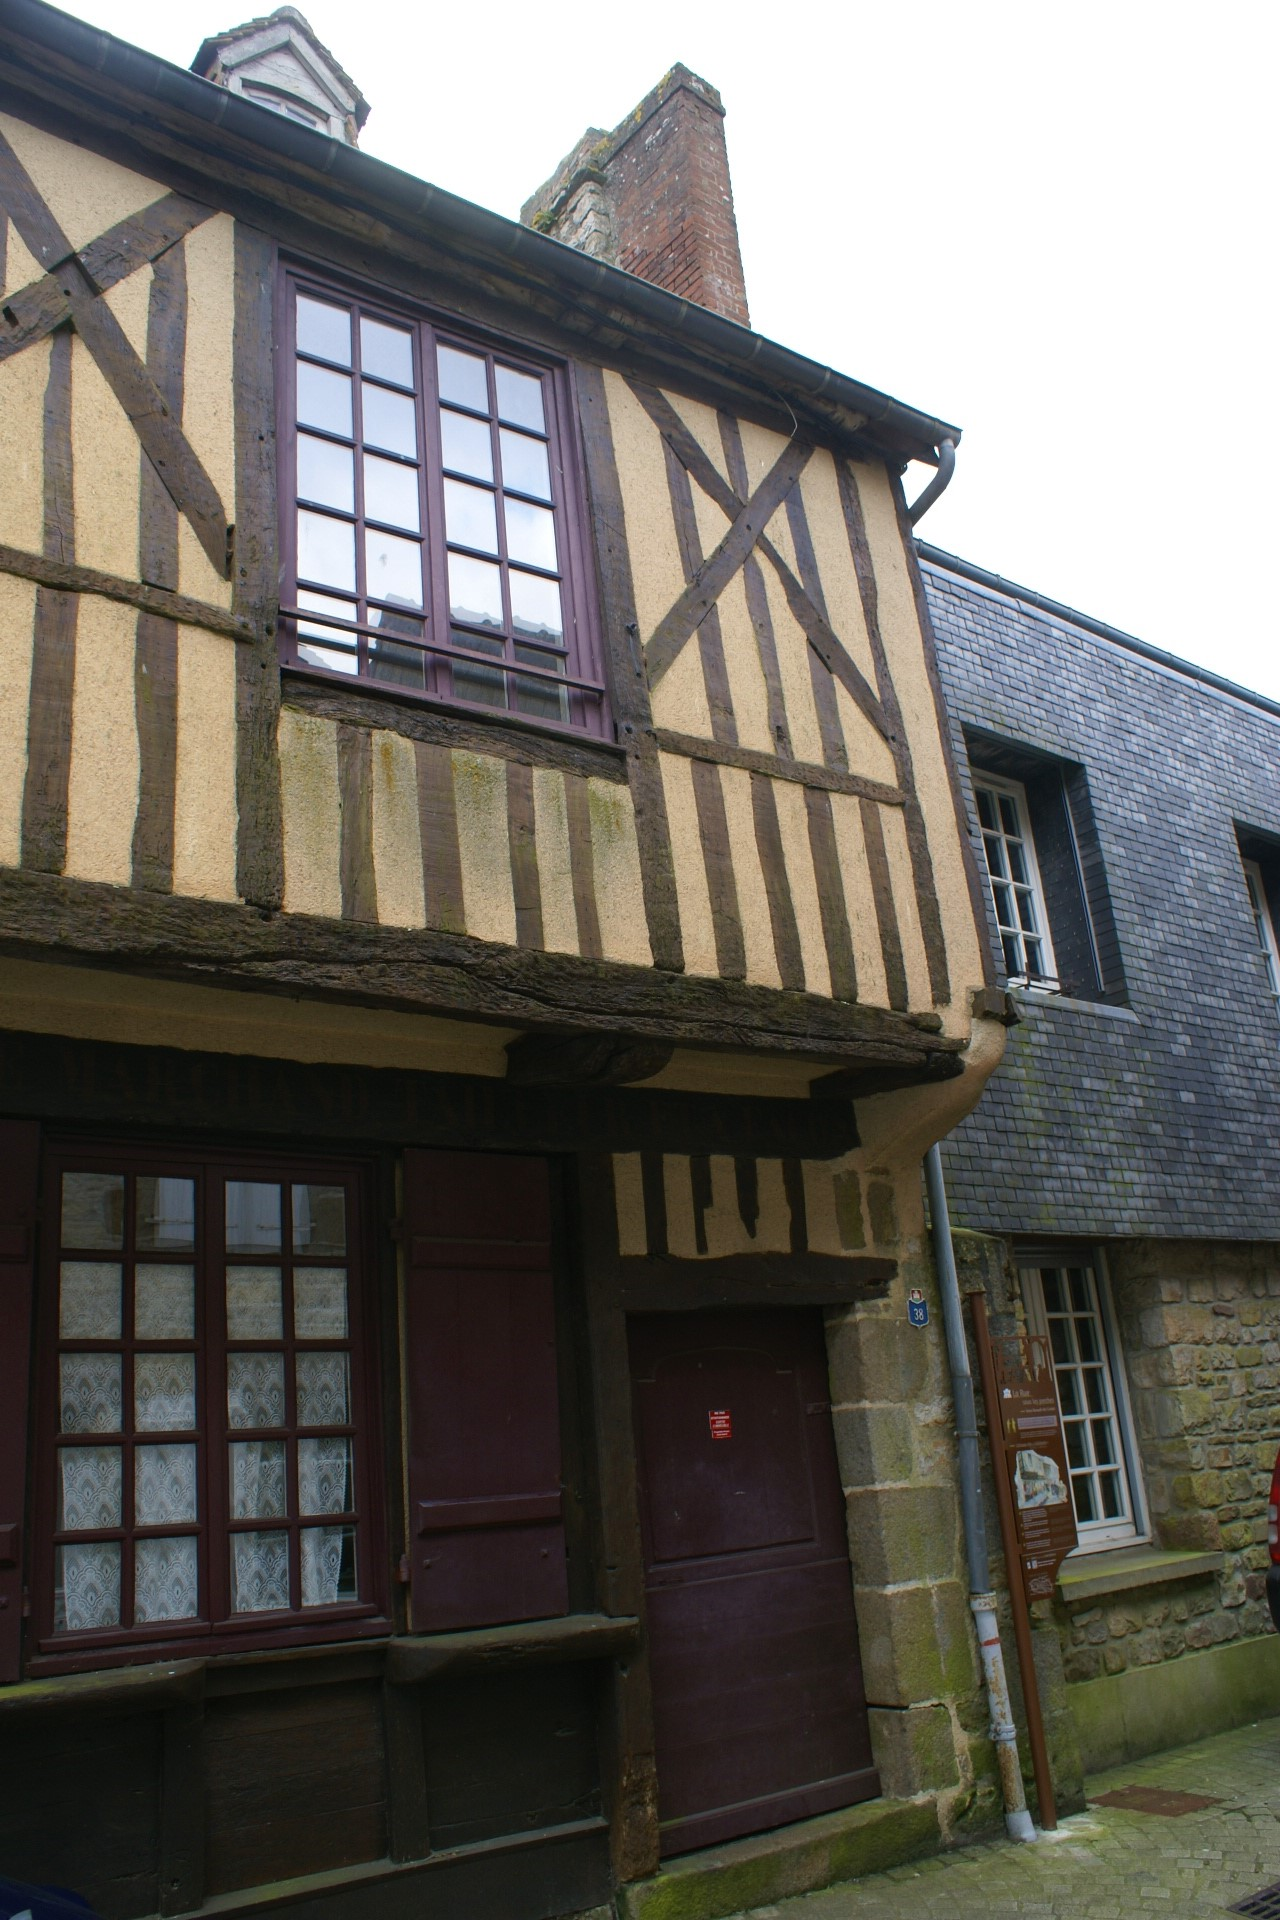 Domfront medieval building